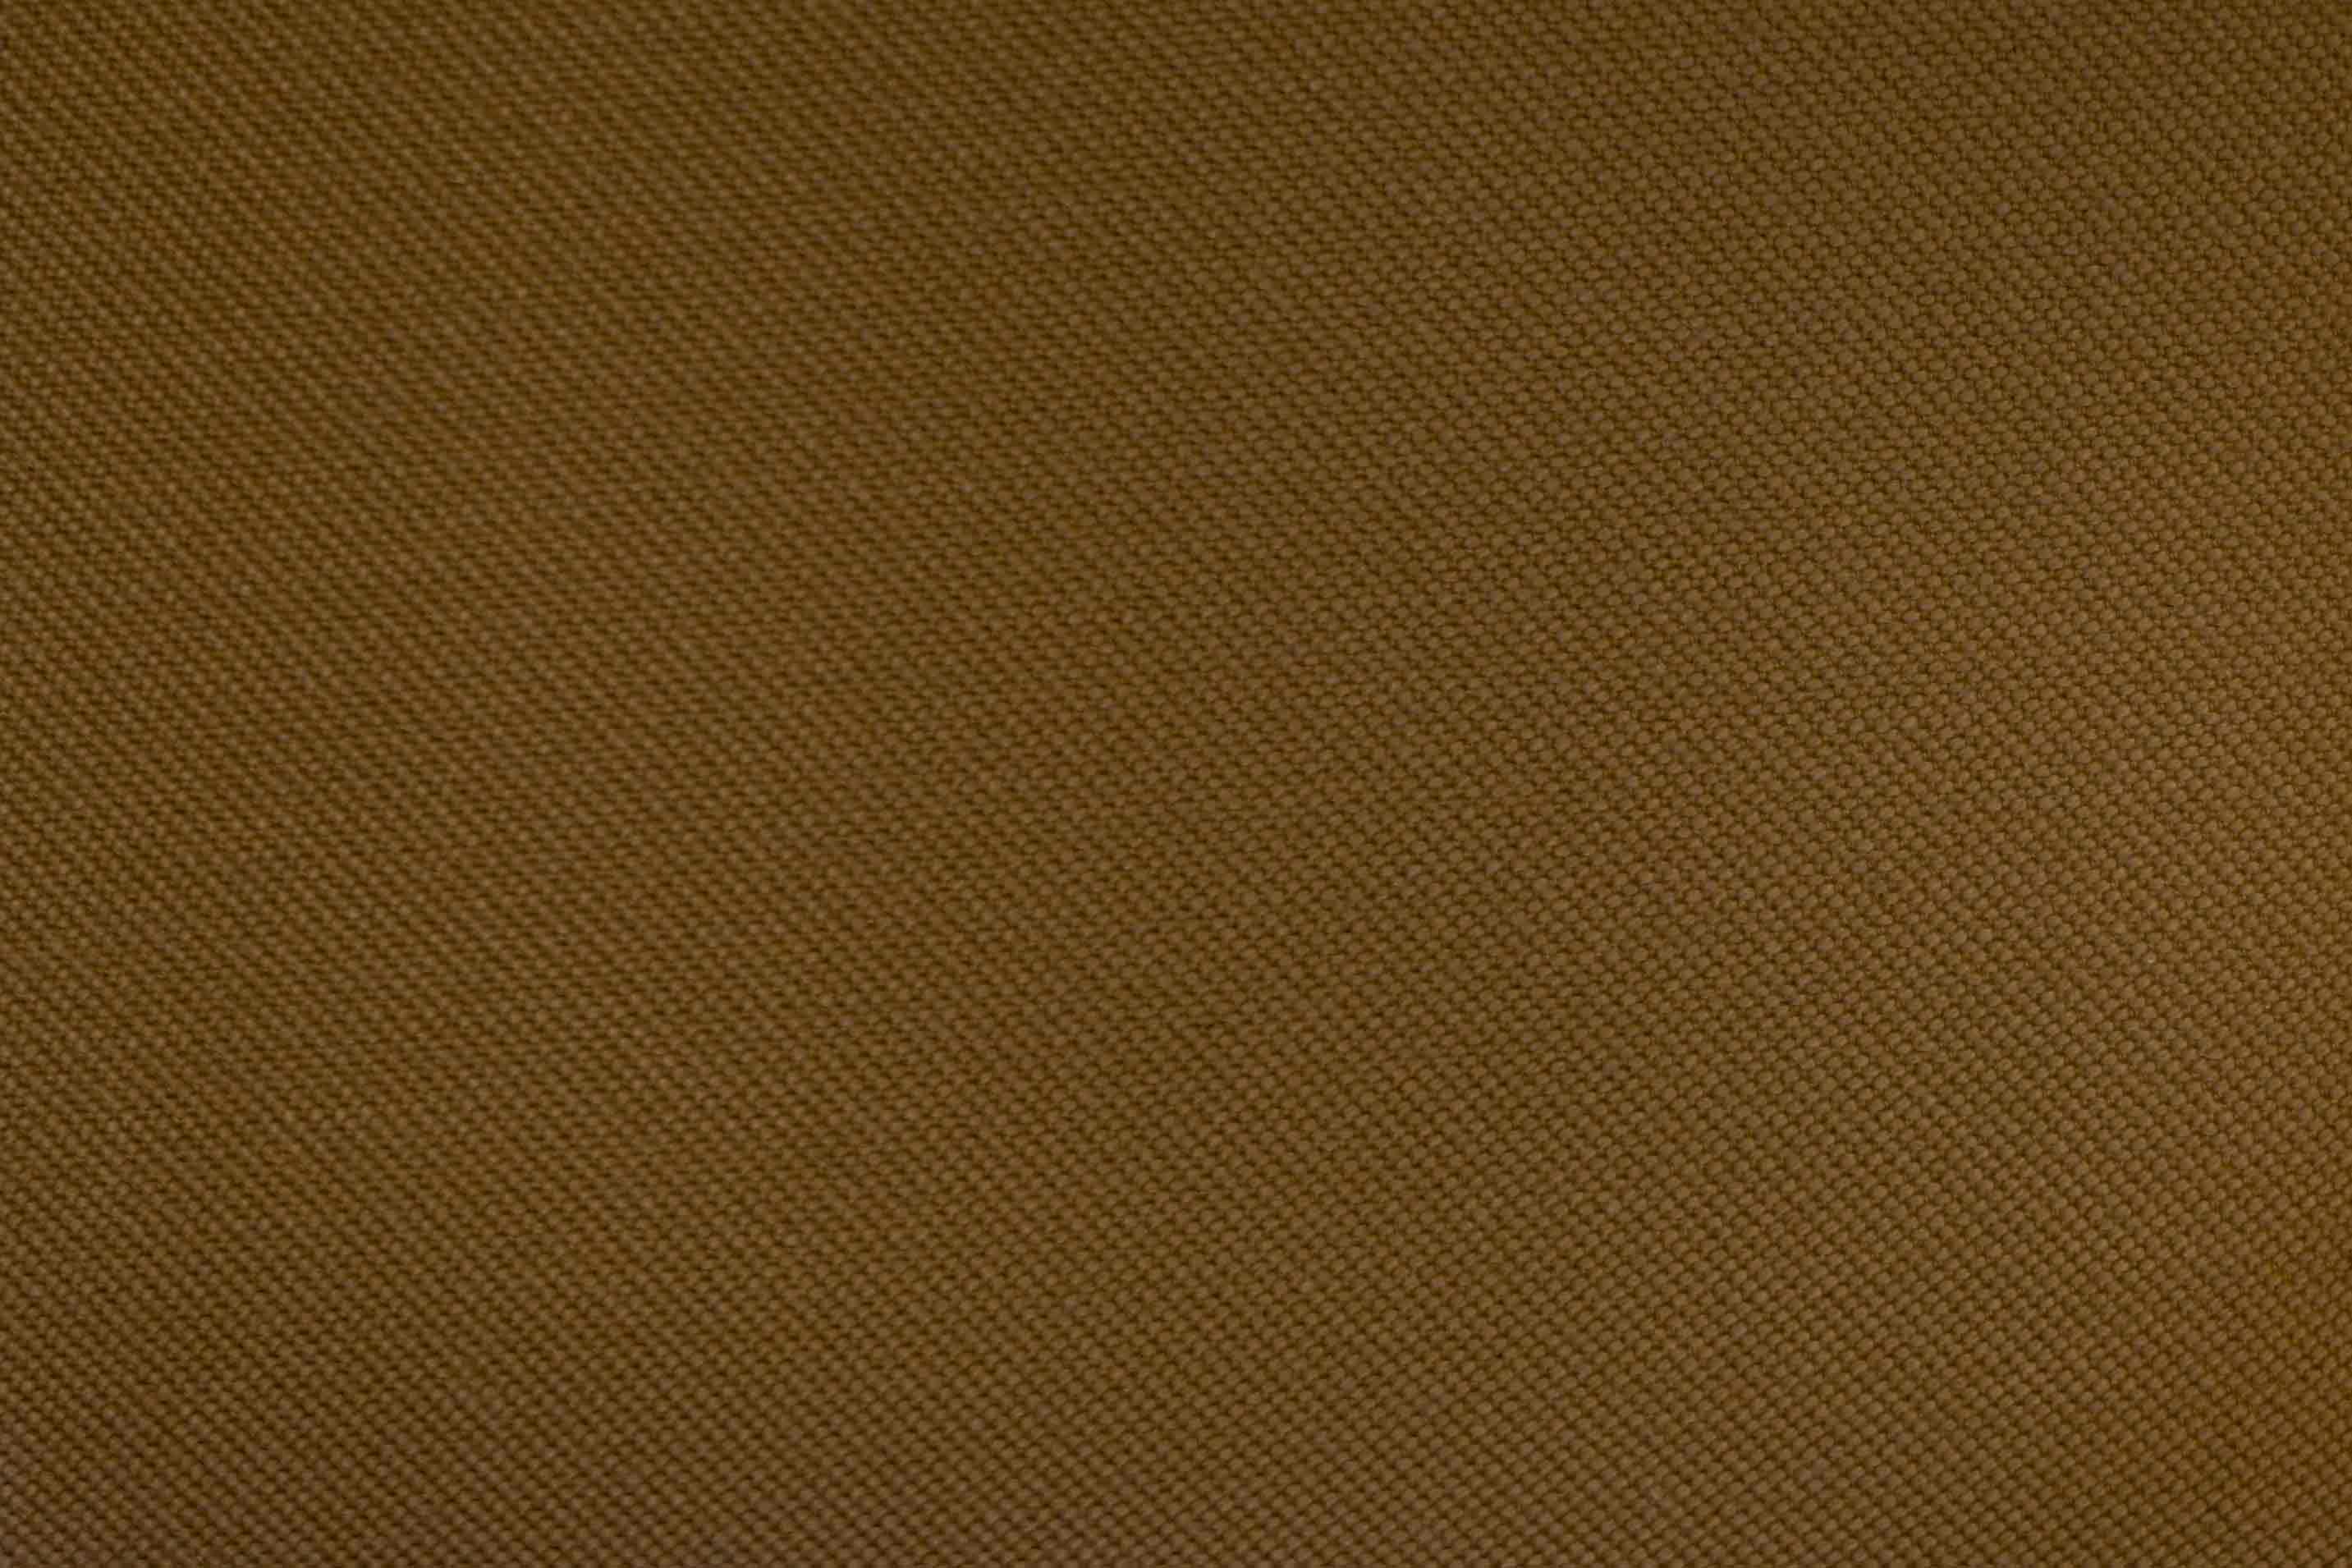 Stoff Sonnenland 116 dunkelbeige (Rückseite beige) (+20 €)